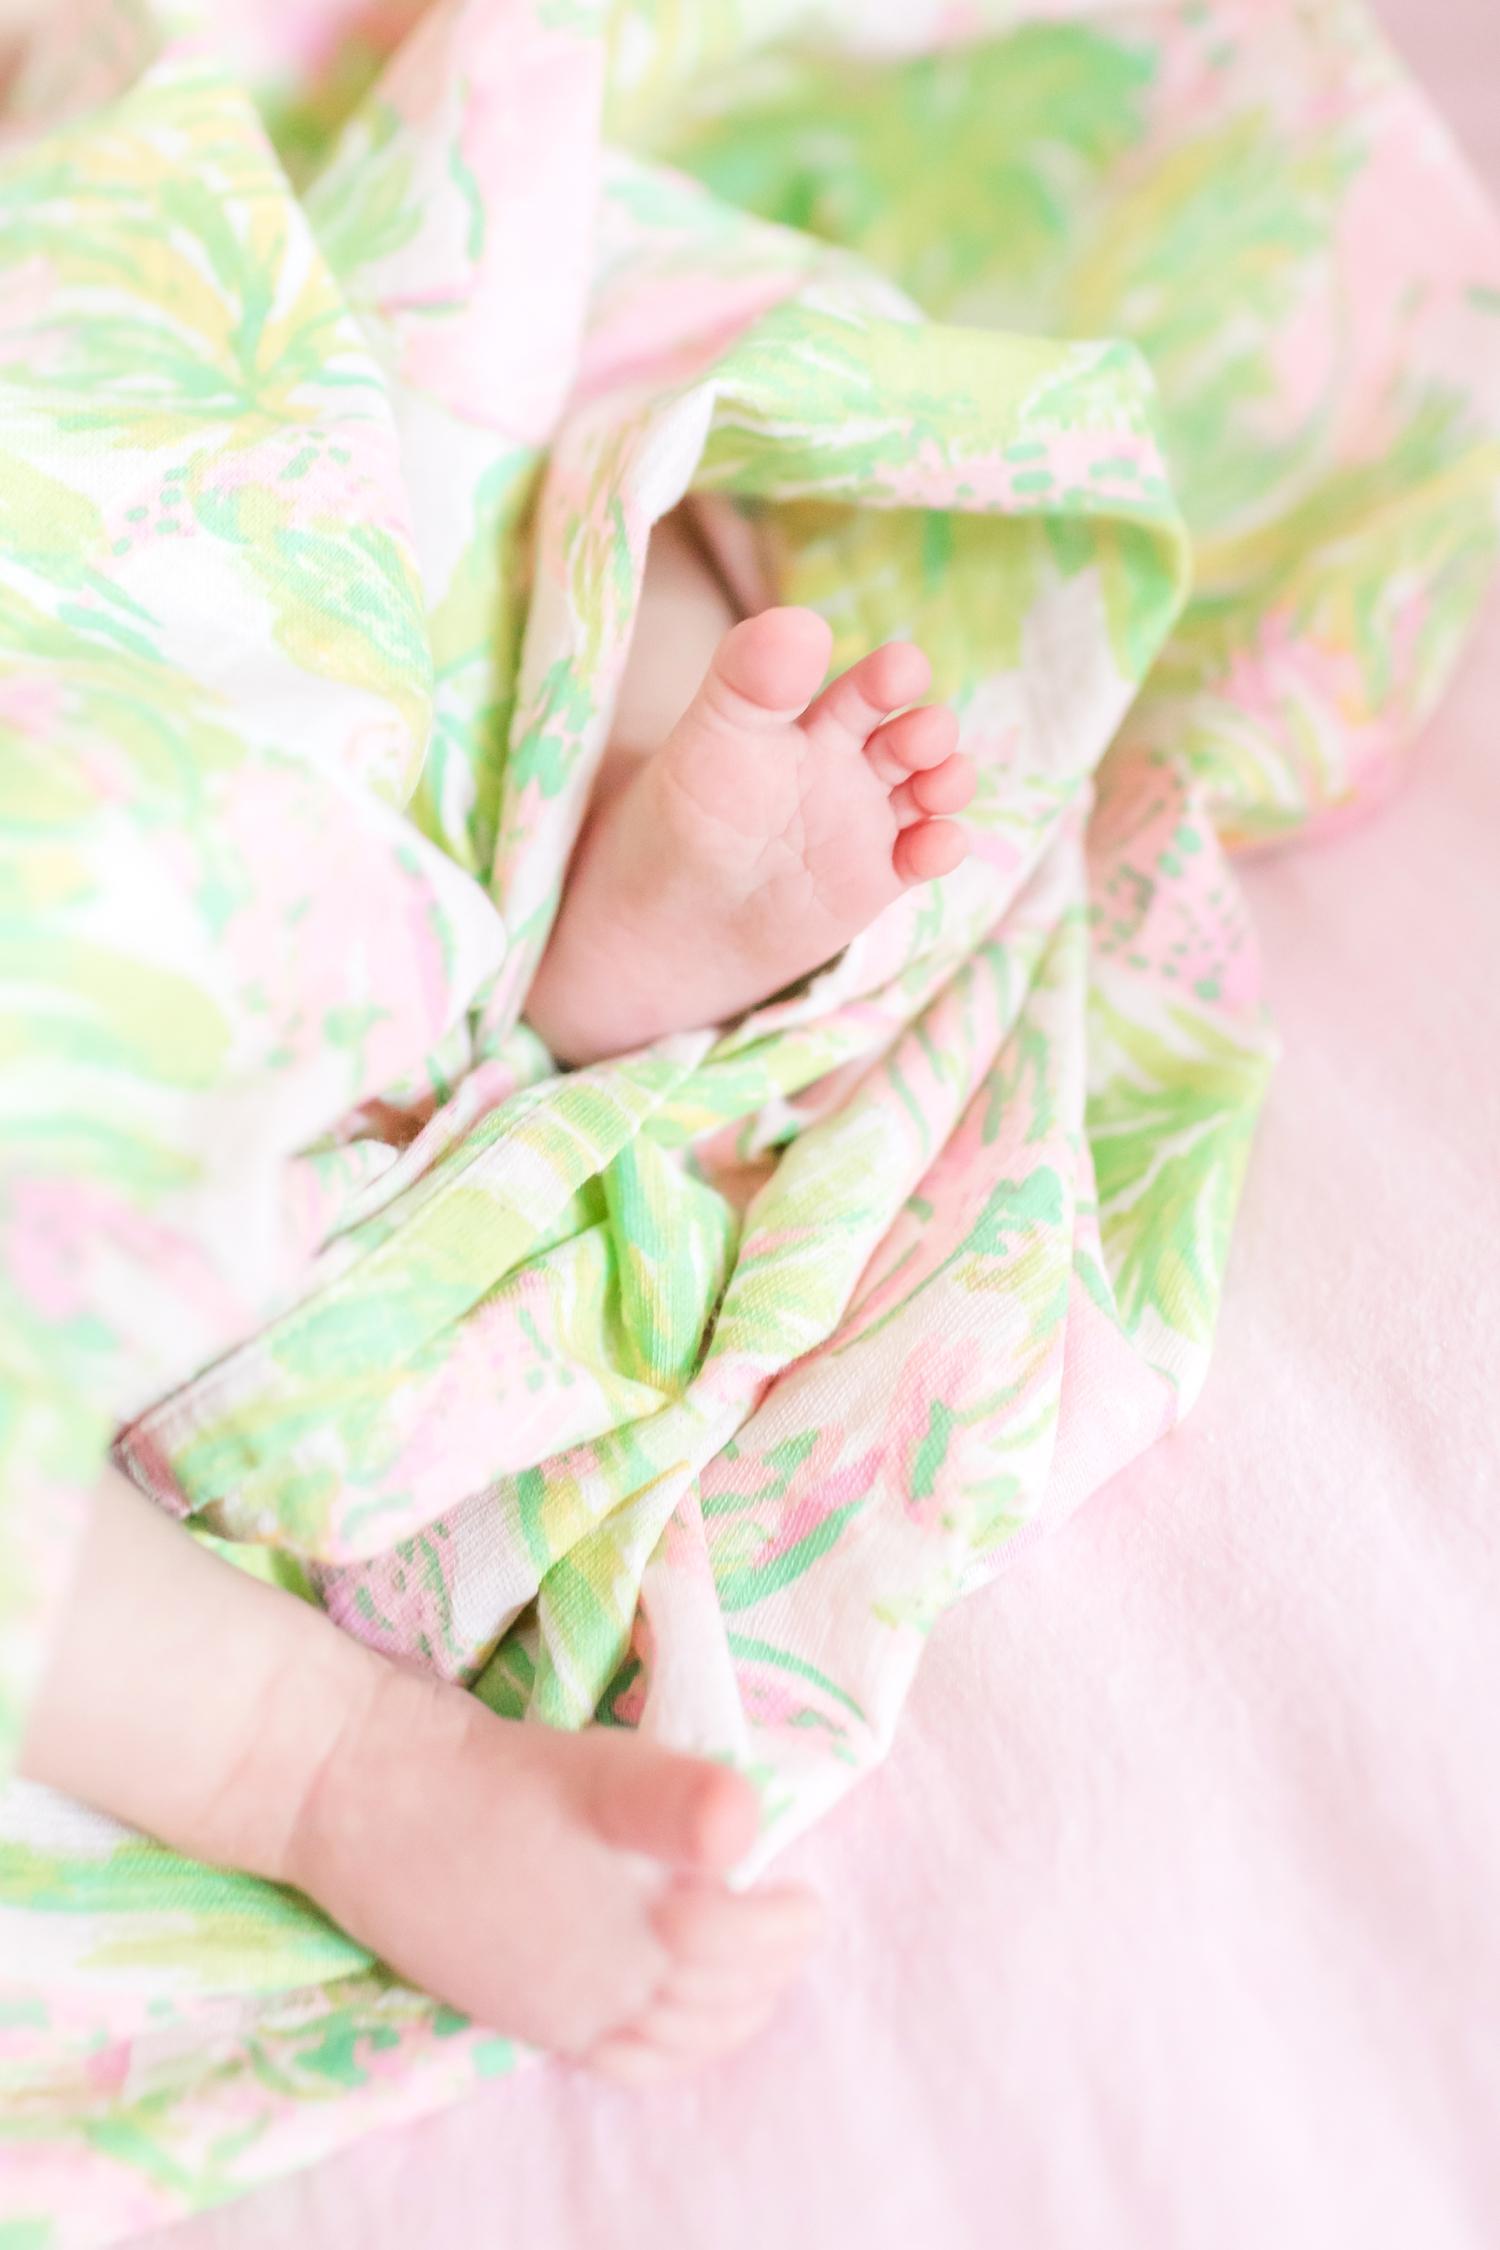 Teeny tiny toes.